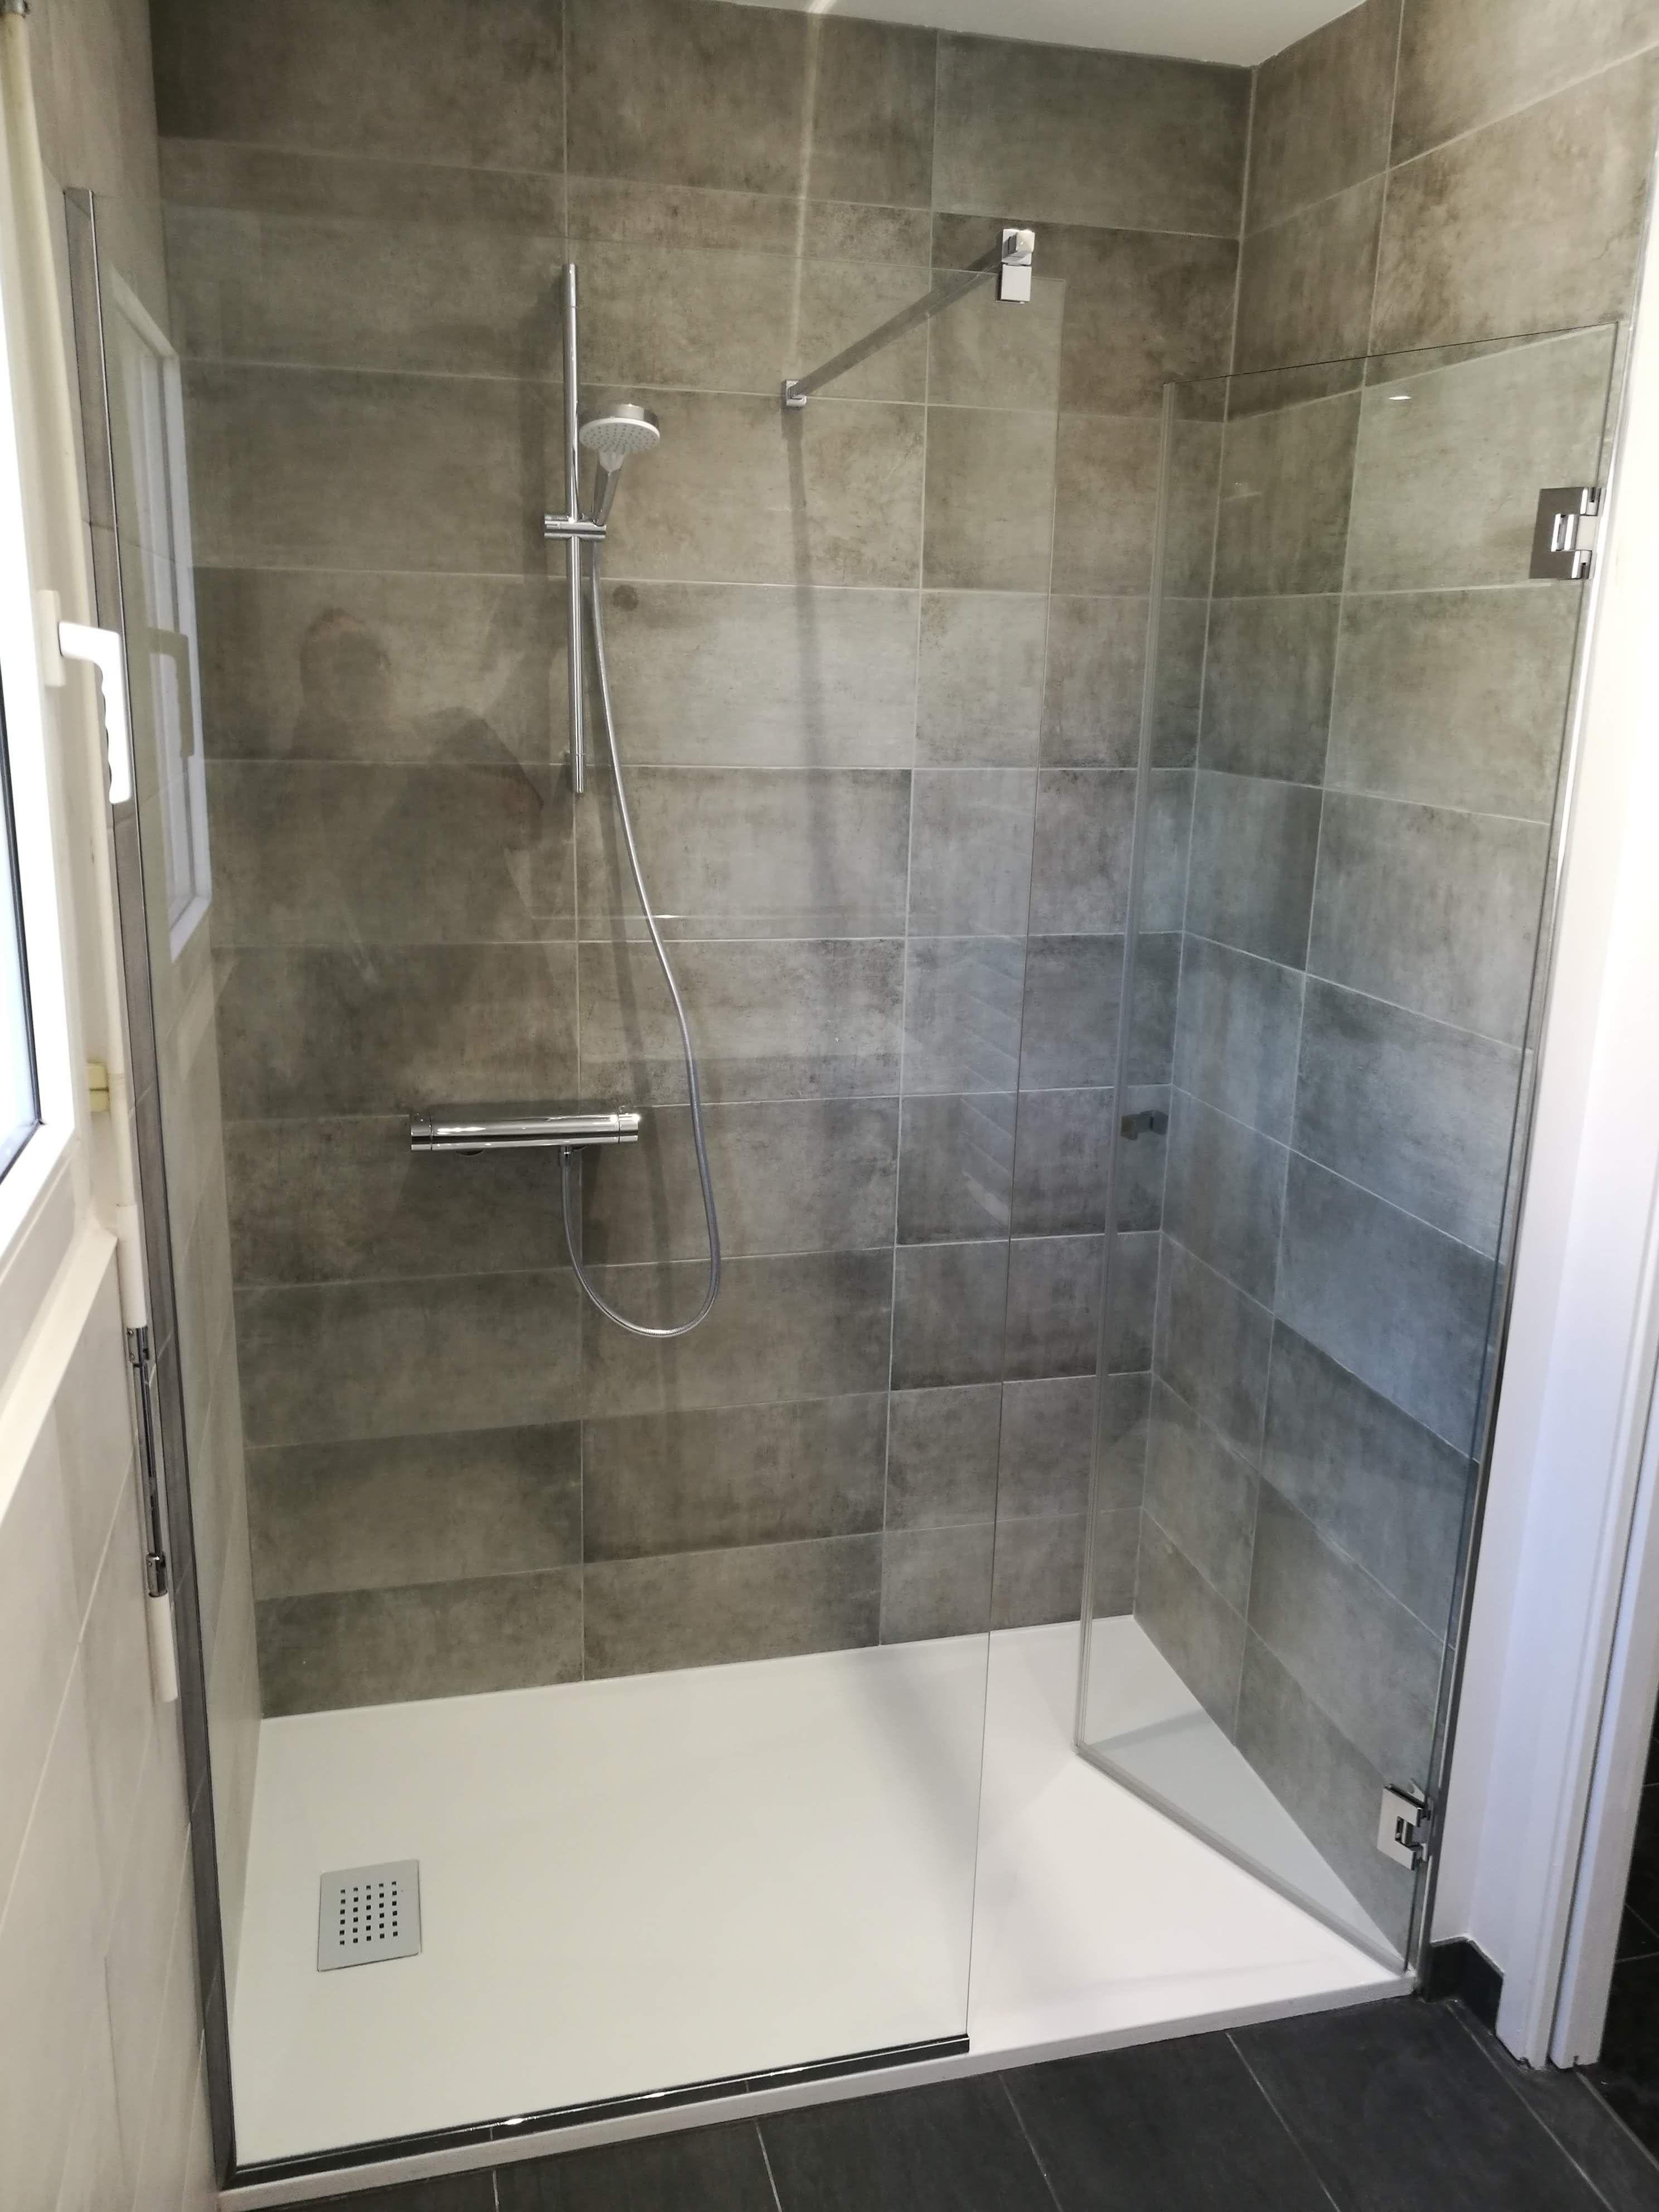 cabine de douche en verre trempe sur